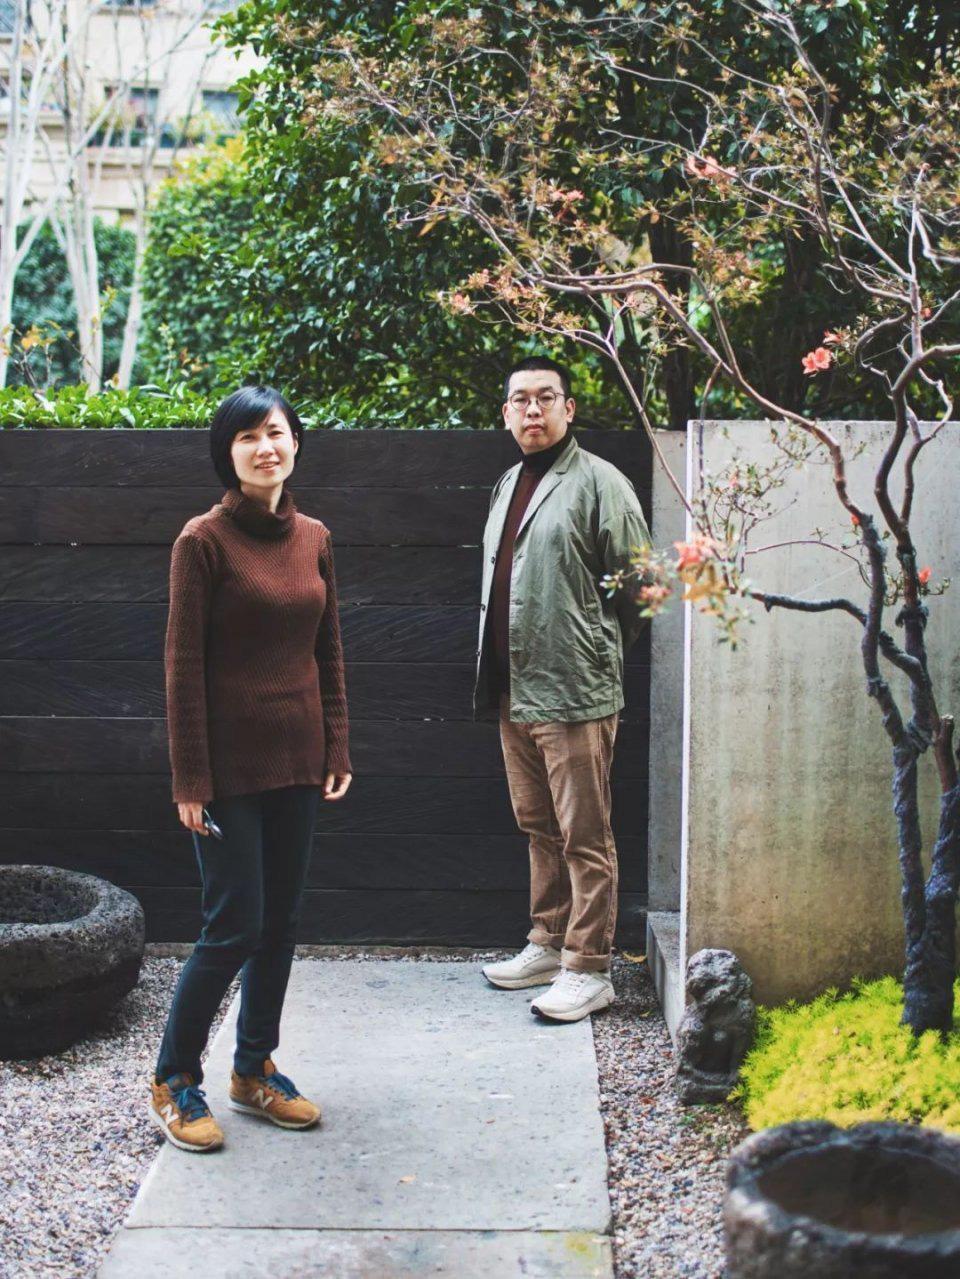 Cặp vợ chồng trẻ cải tạo căn nhà ngoại ô rộng 150m² đã xây cách đây 20 năm thành không gian góc nào cũng đẹp đến cực độ - Ảnh 9